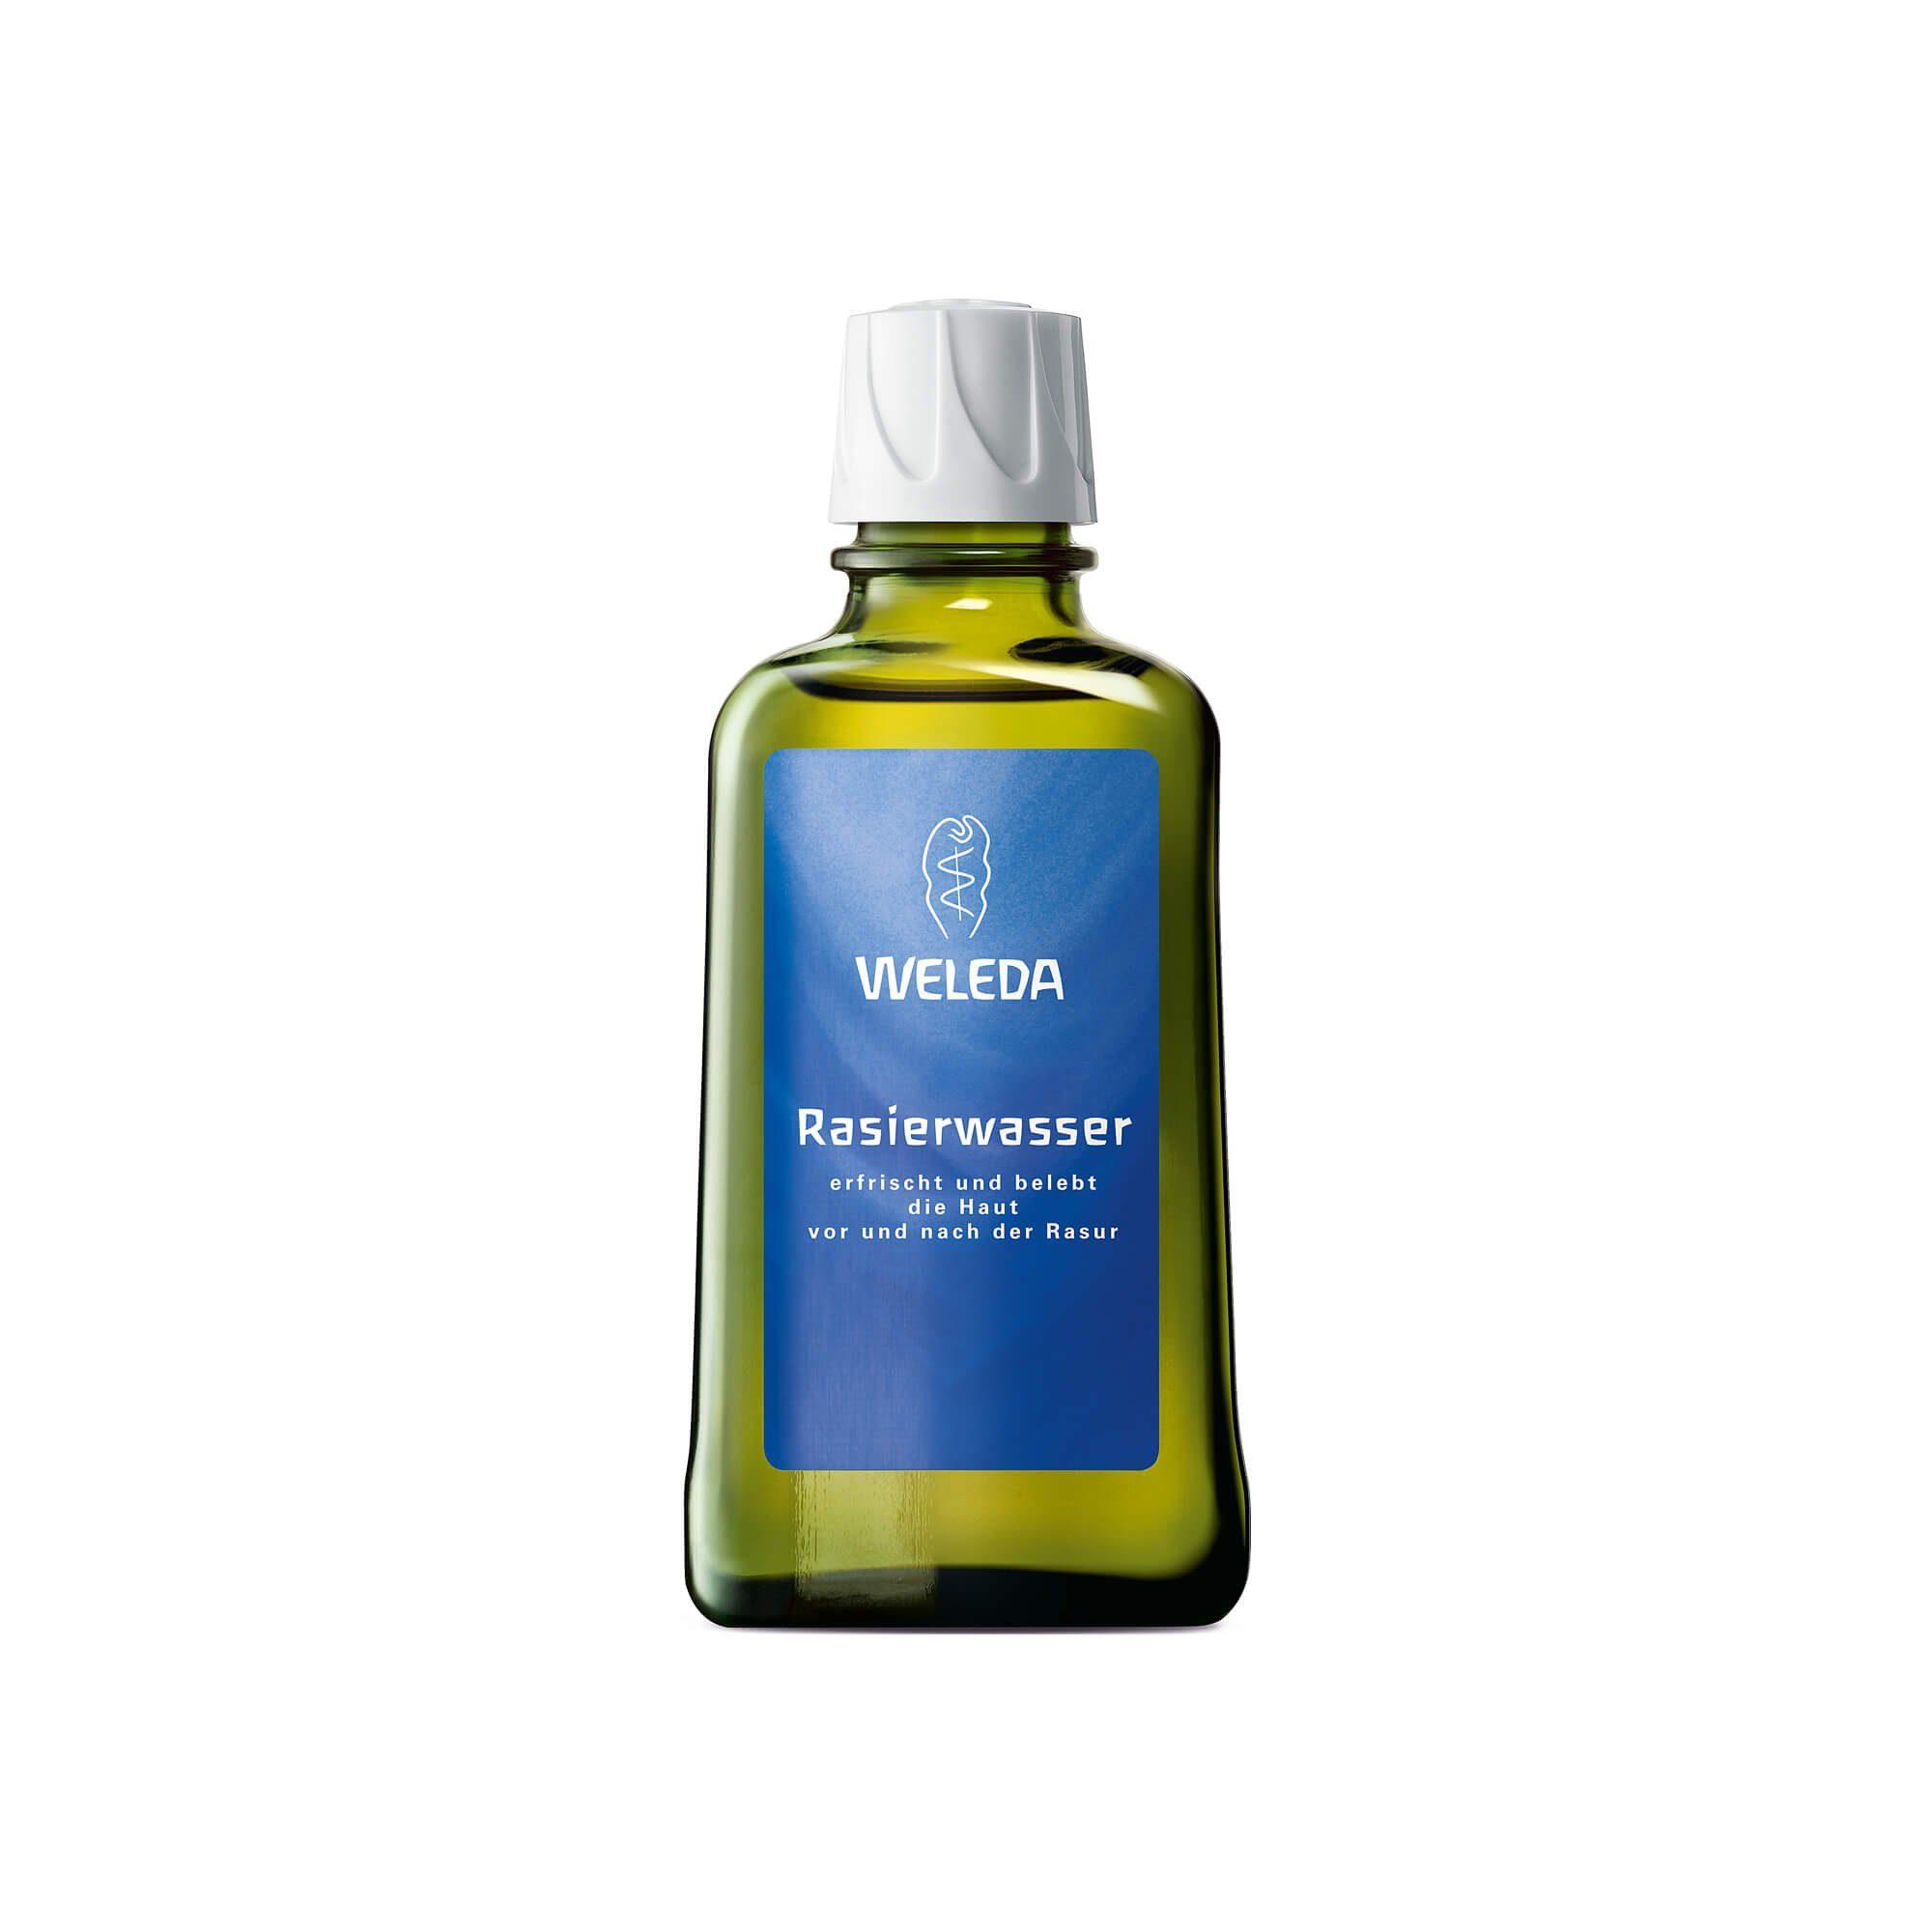 WELEDA Weleda Rasierwasser (, 100 ml)